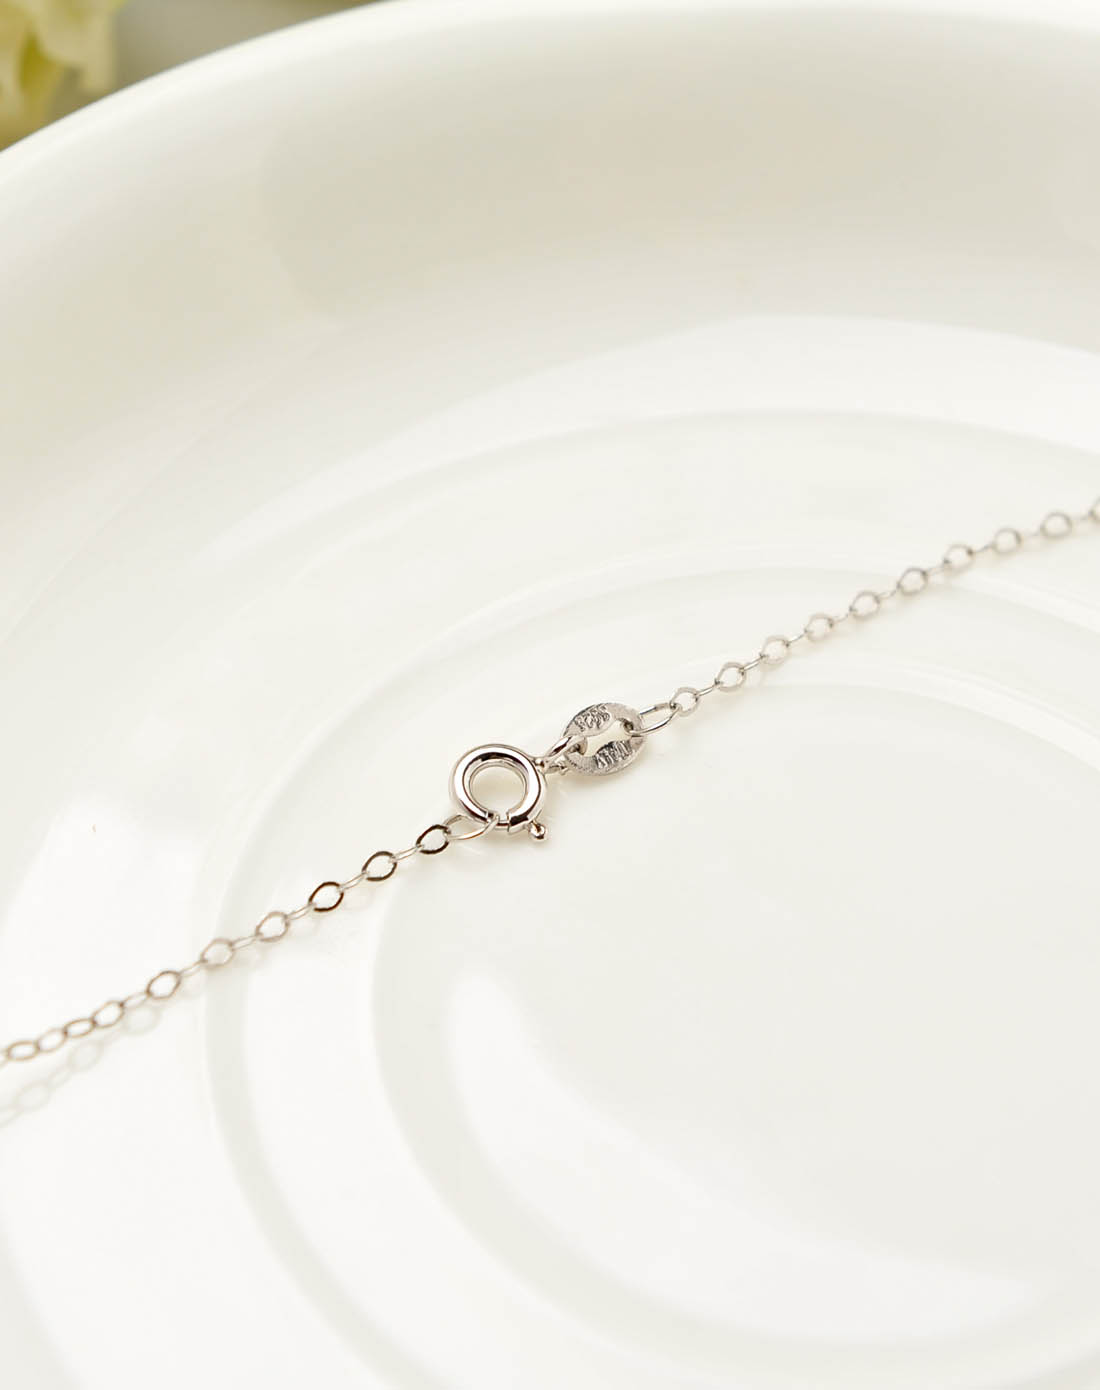 艾美emmy时尚925银小动物造型项链en1237s